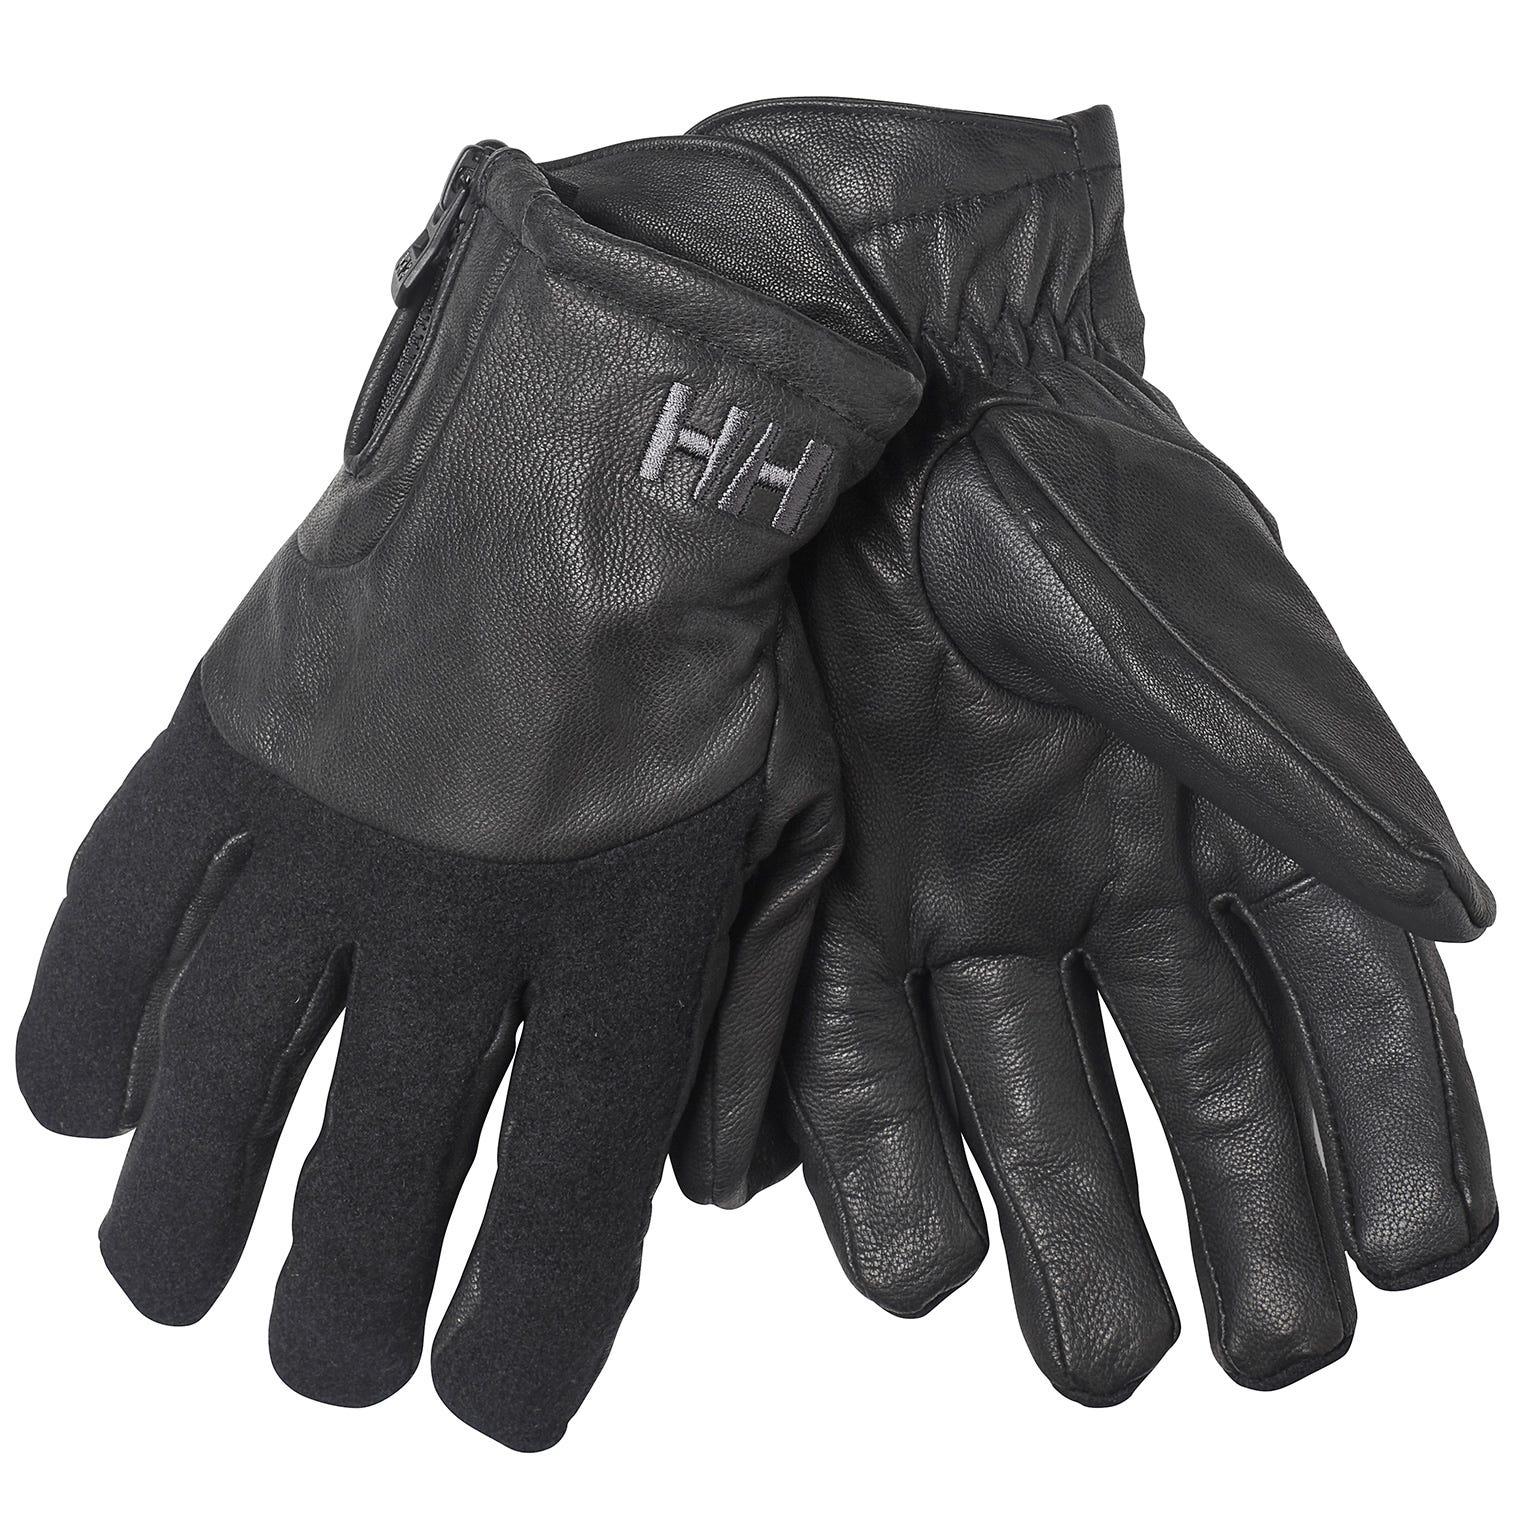 Helly Hansen Balder Glove Mens Black S